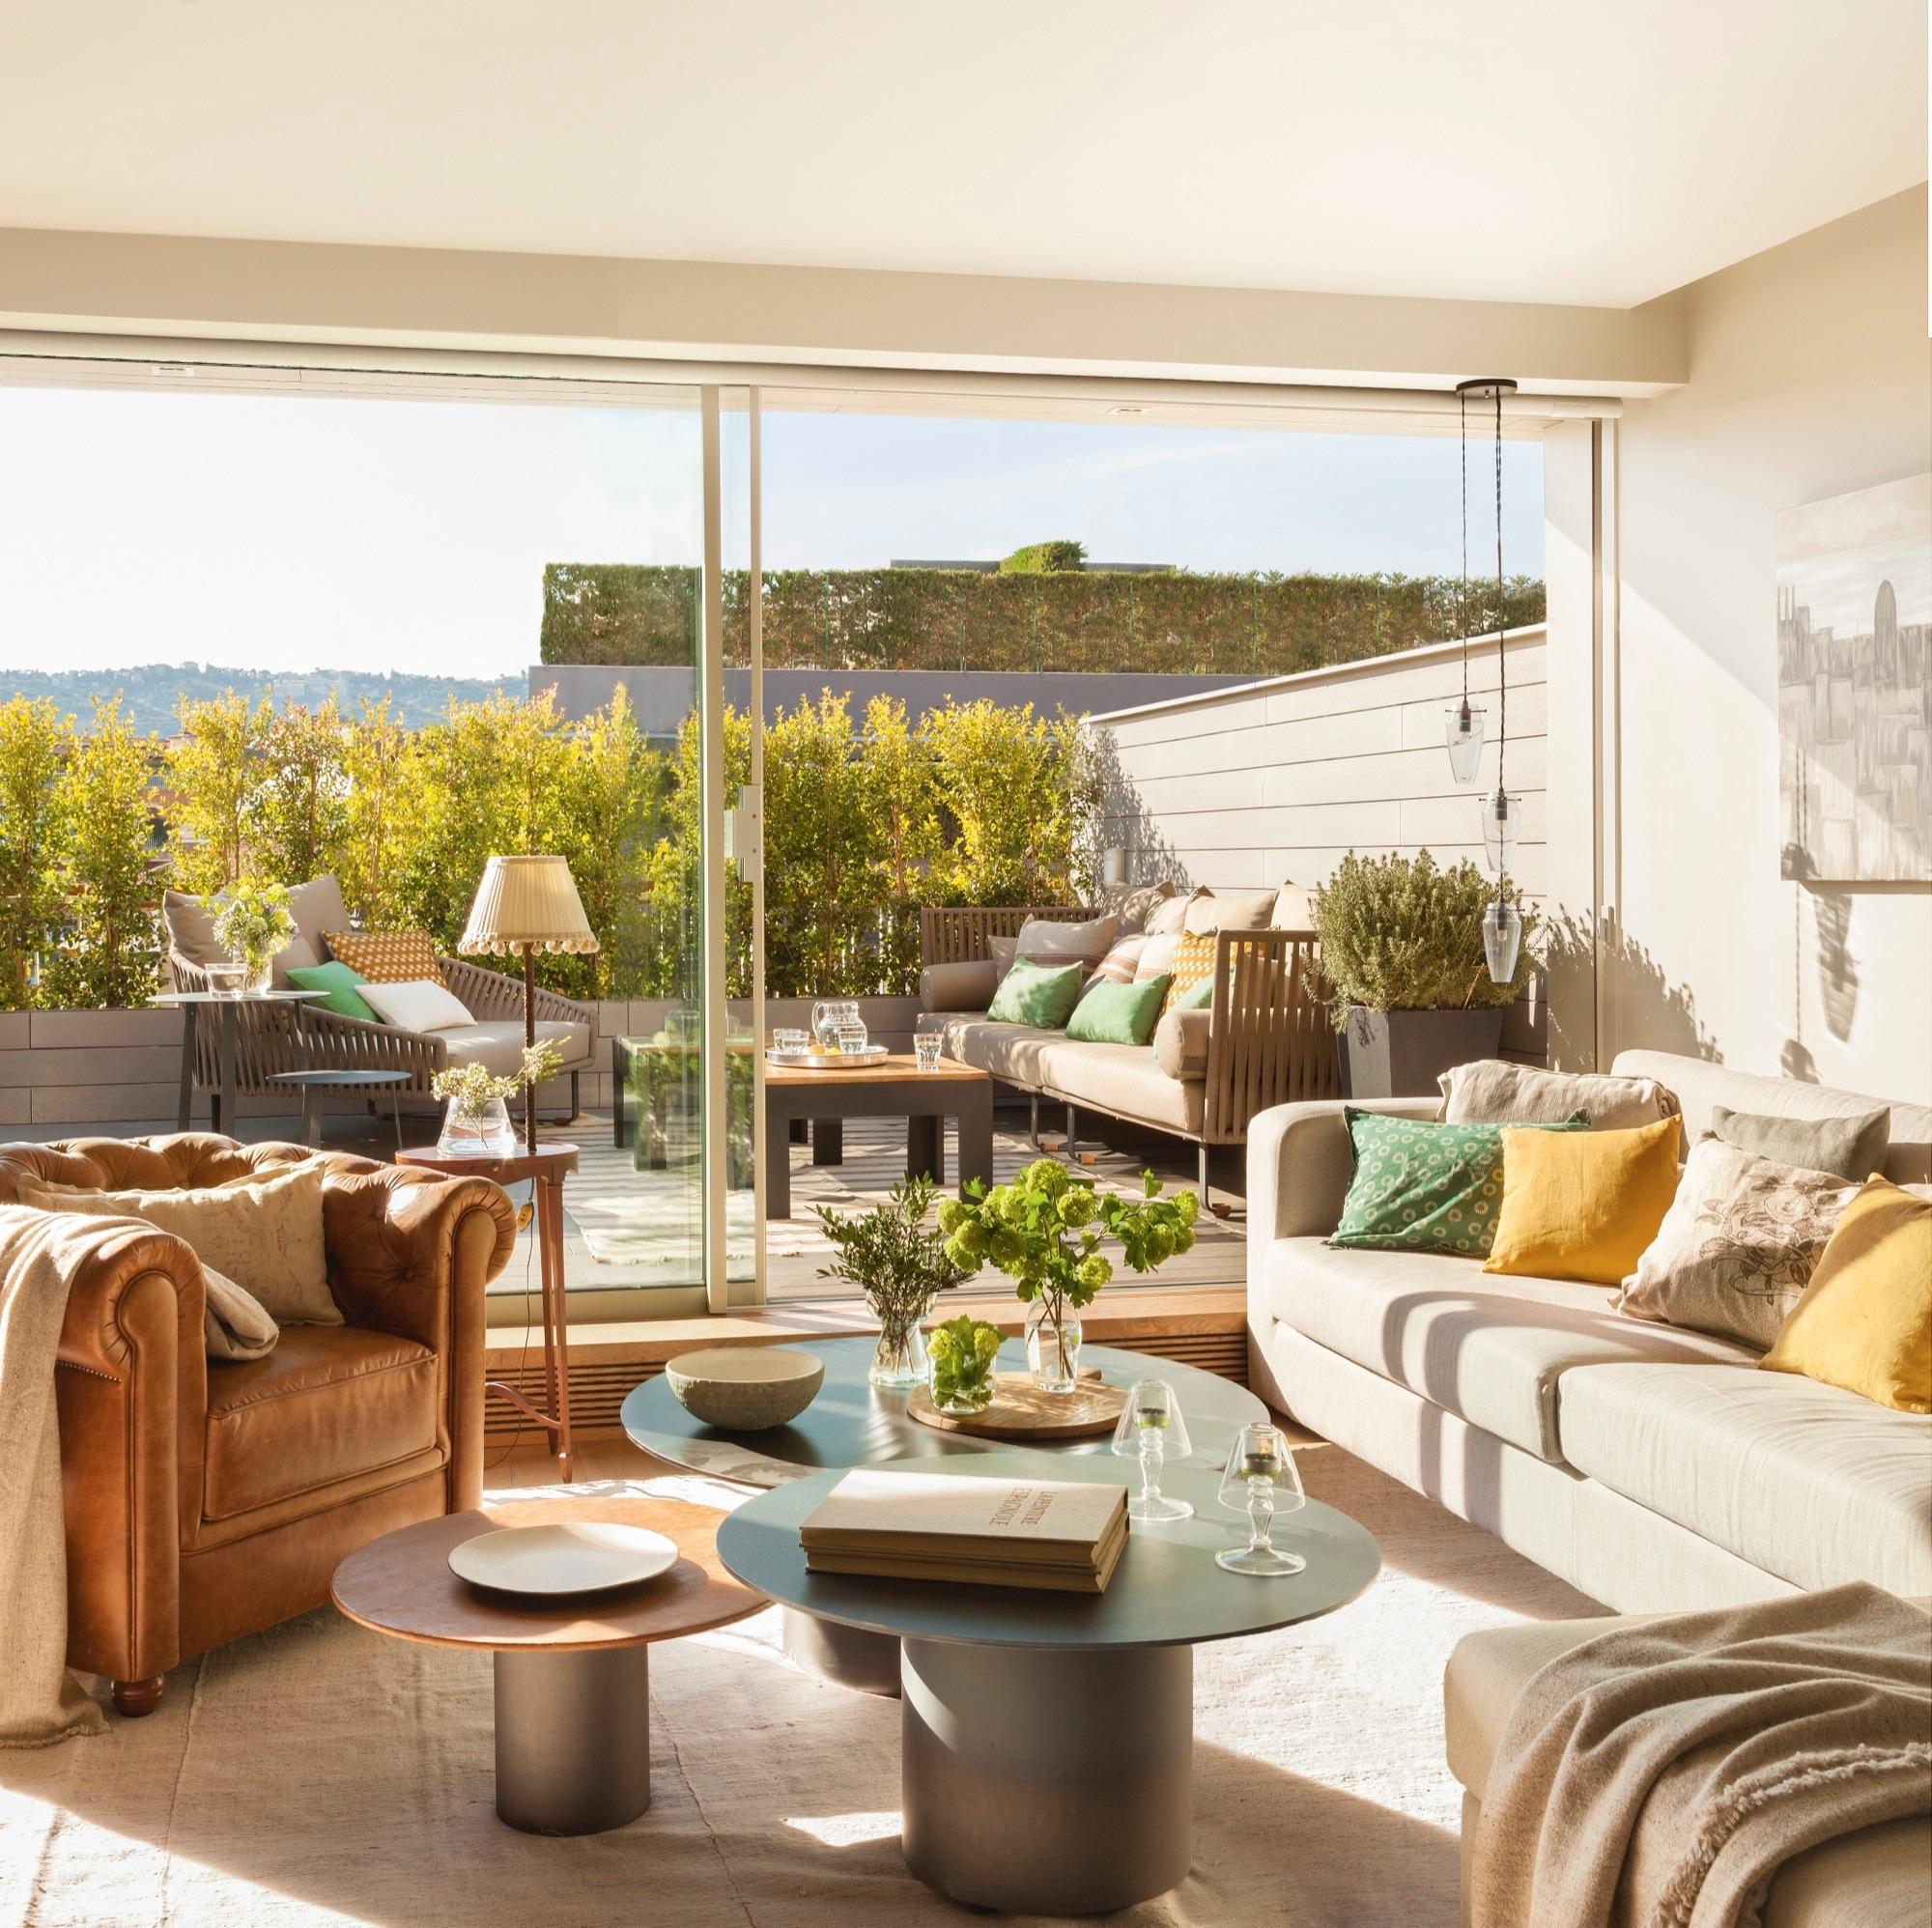 La terraza perfecta que conquist a los due os - Cojines para sillas terraza ...